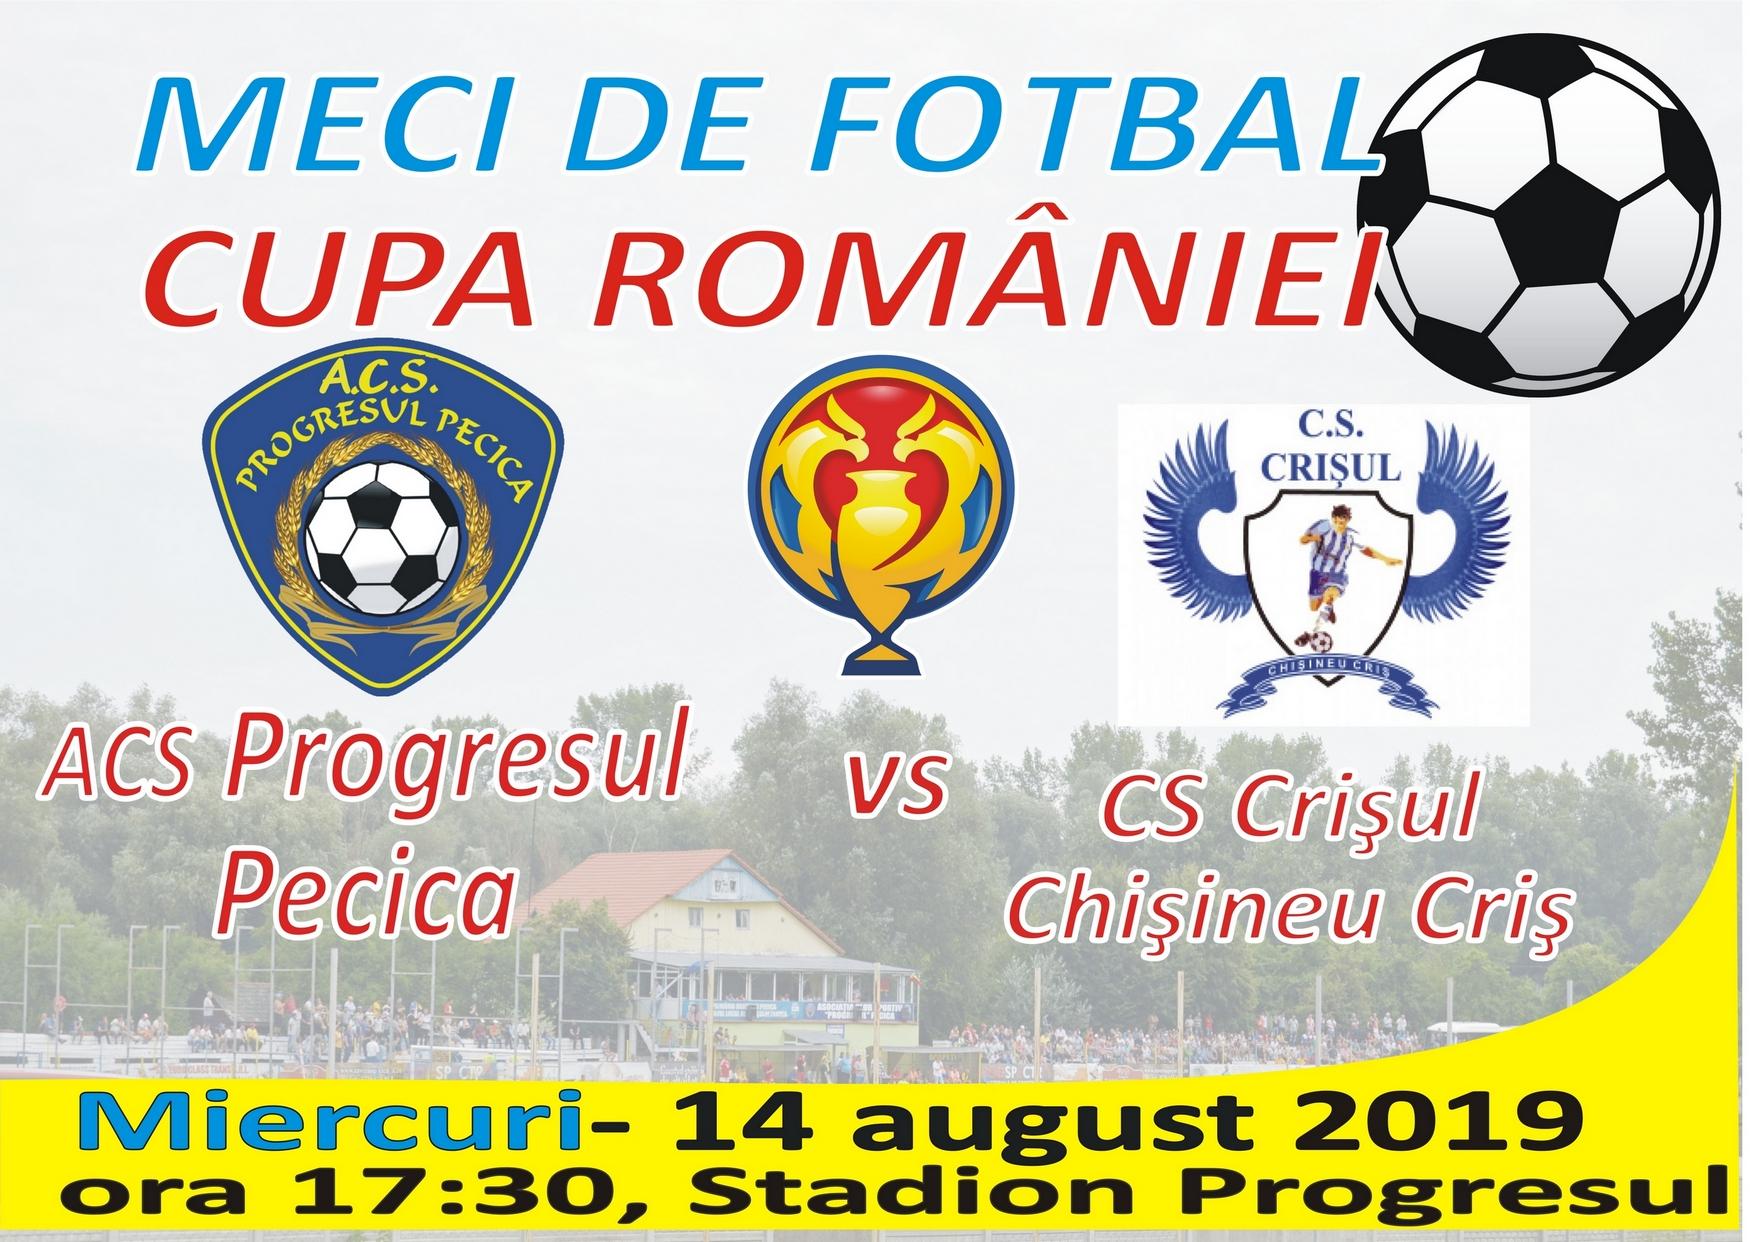 Meci de Cupa României, miercuri în Pădurice